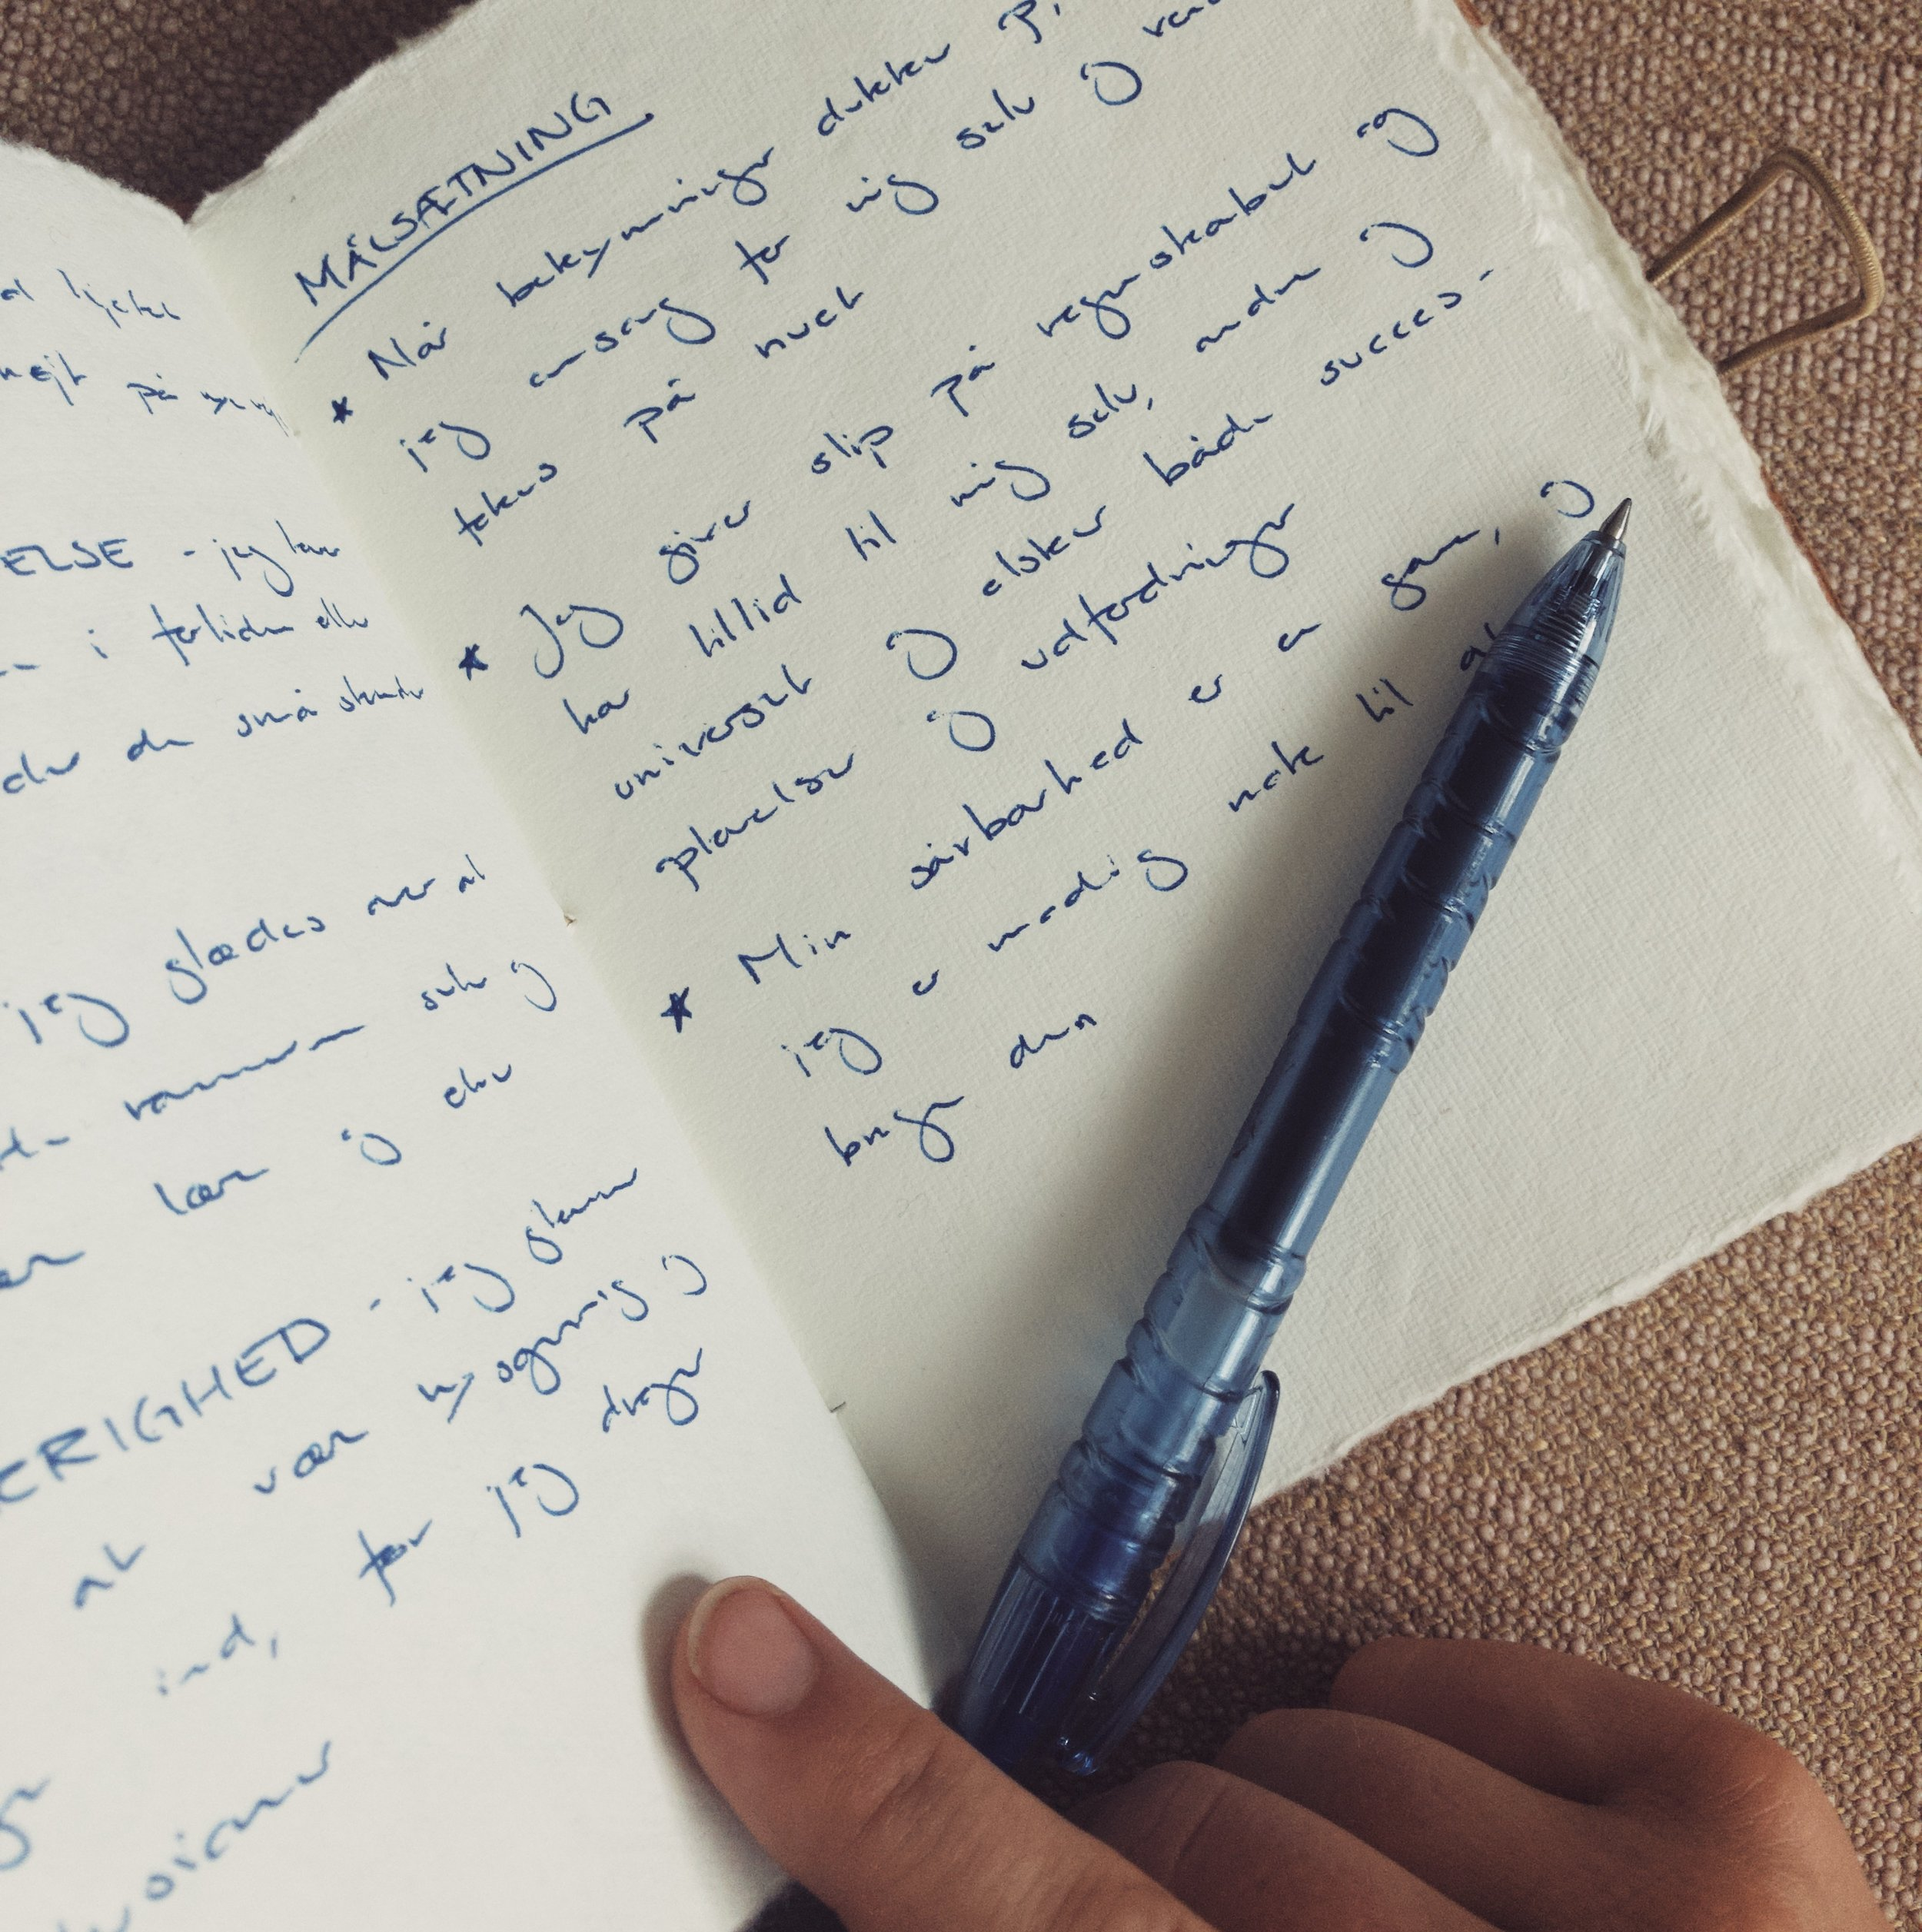 10. Lav målsætninger eller mantras - Med udgangspunkt i dine nye værdier - og særligt top 3 - kan du lave 3-5 sætninger, som du kan huske og som støtter dig i at navigere efter dine værdier i hverdagen.